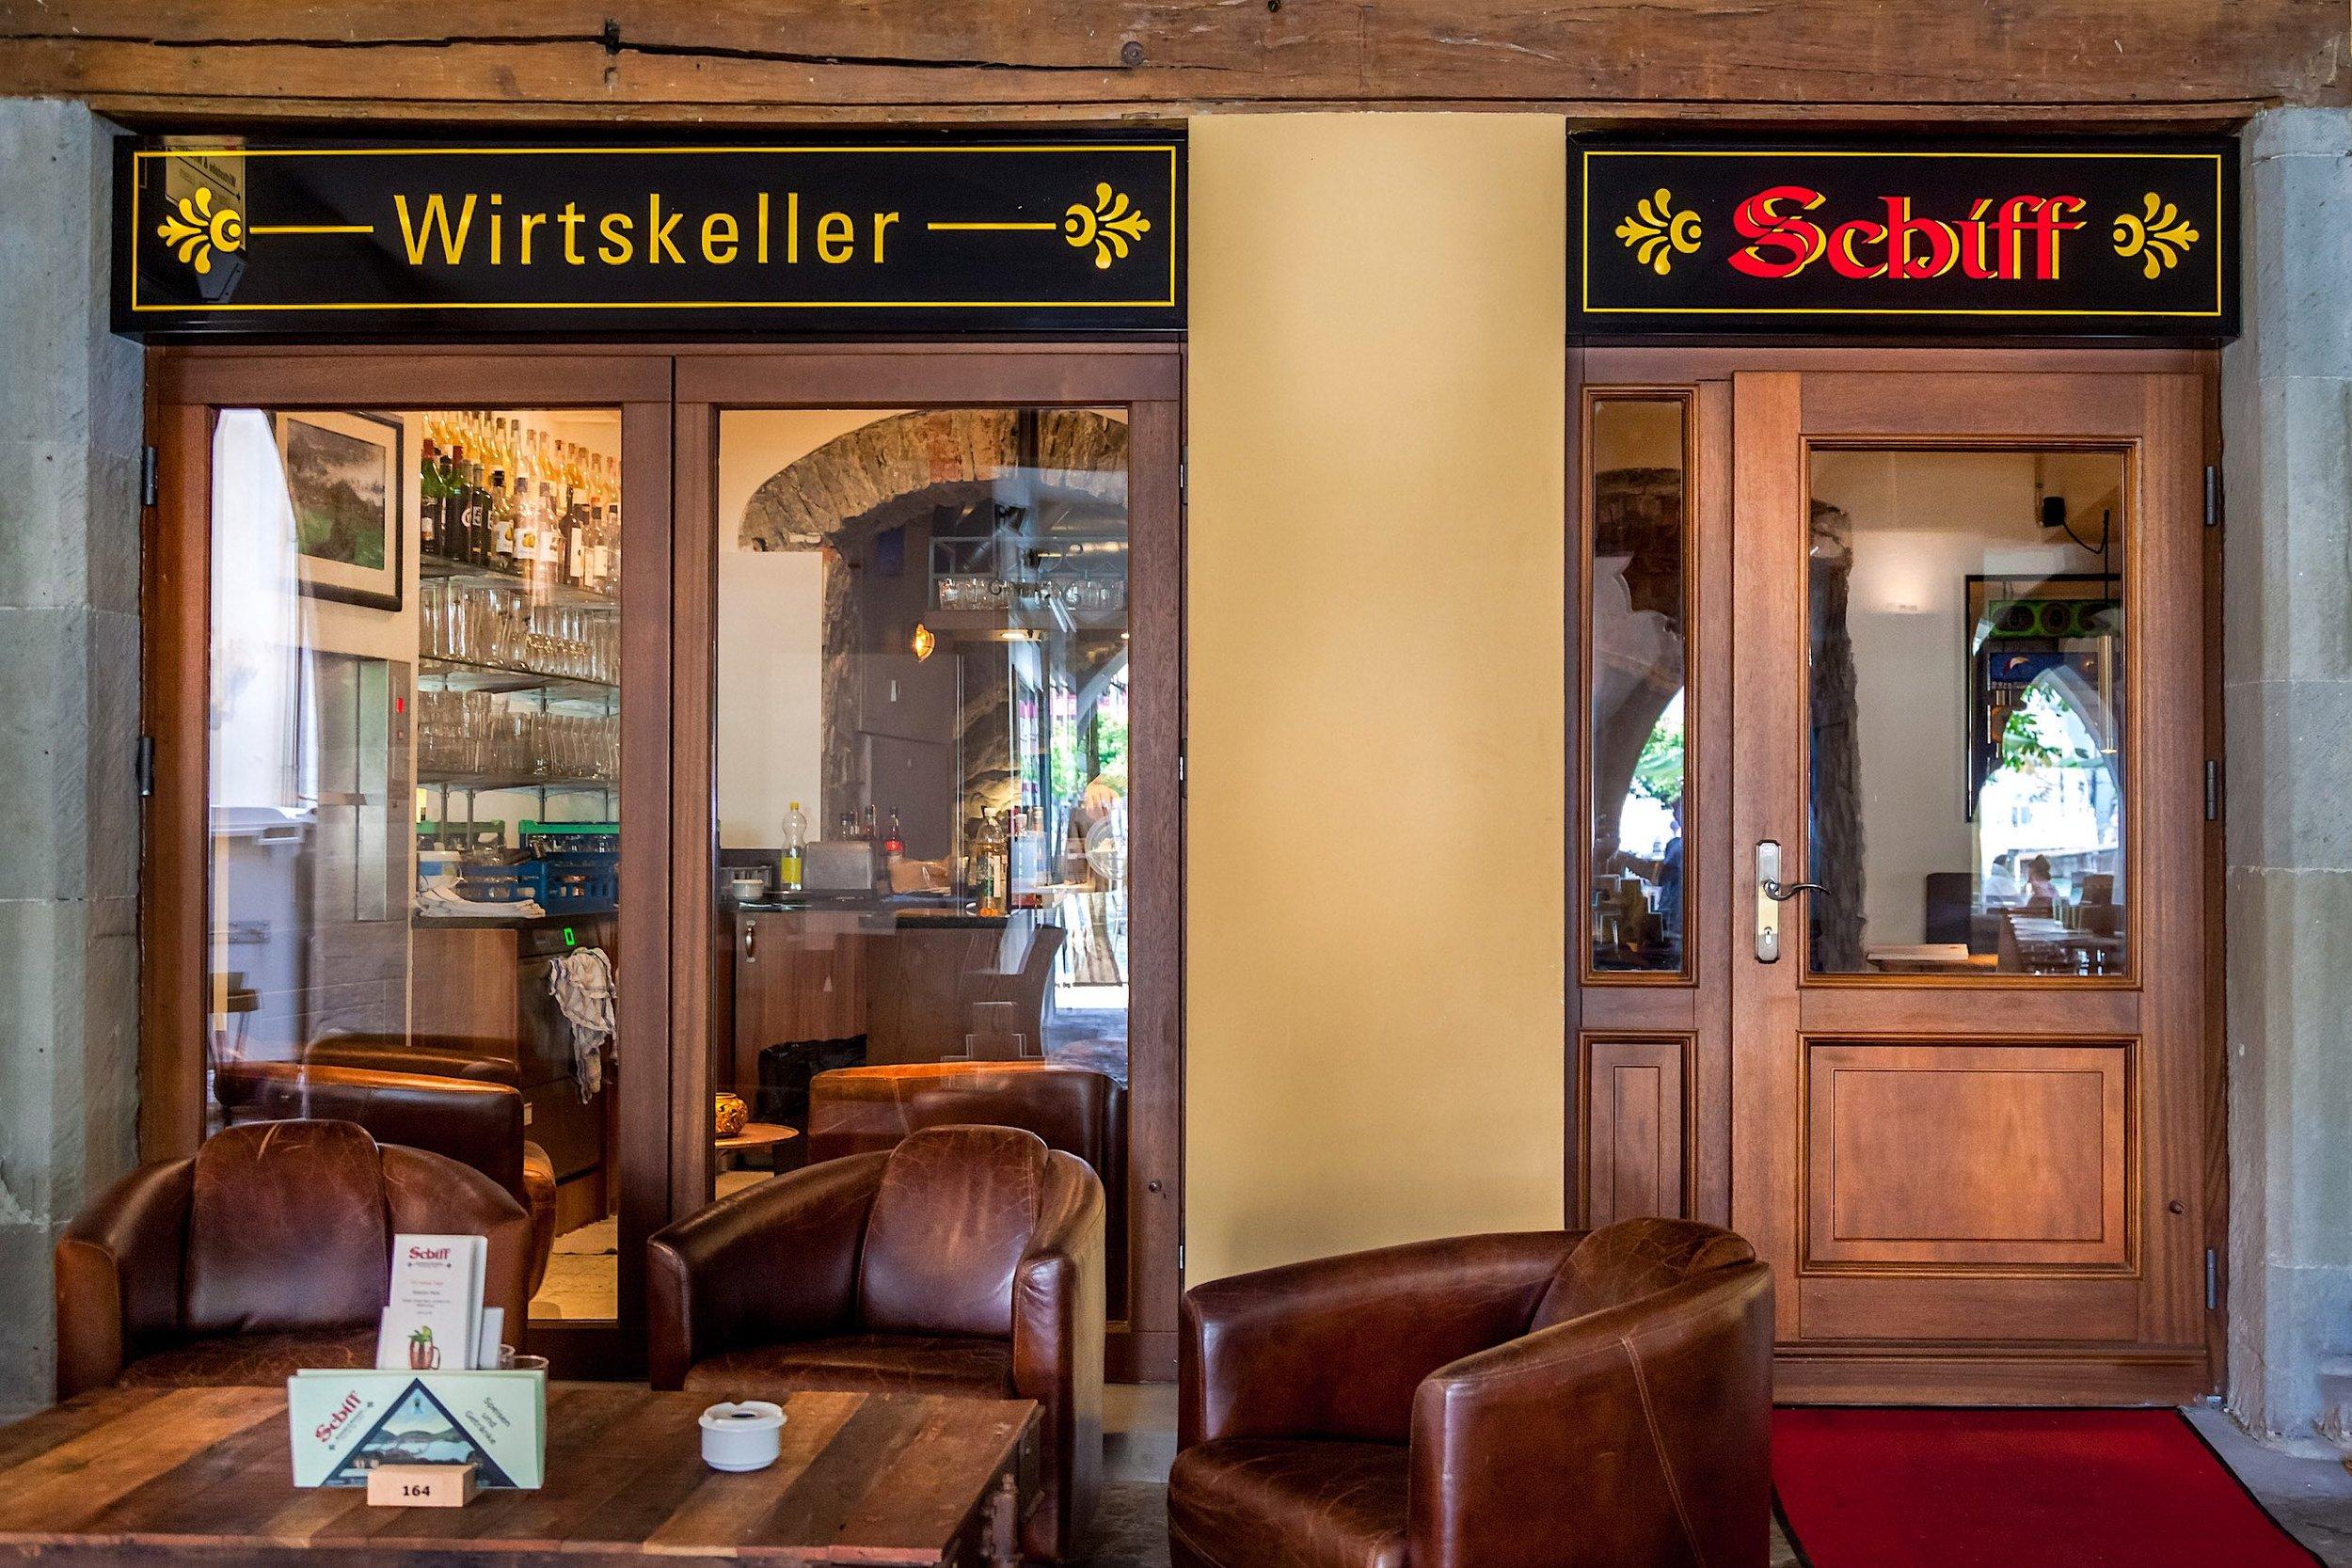 Hotel Schiff Luzern - Nach aussen öffnende Eingangstür mit Panik-Beschlag2-flügelige Tür nach aussen öffnend